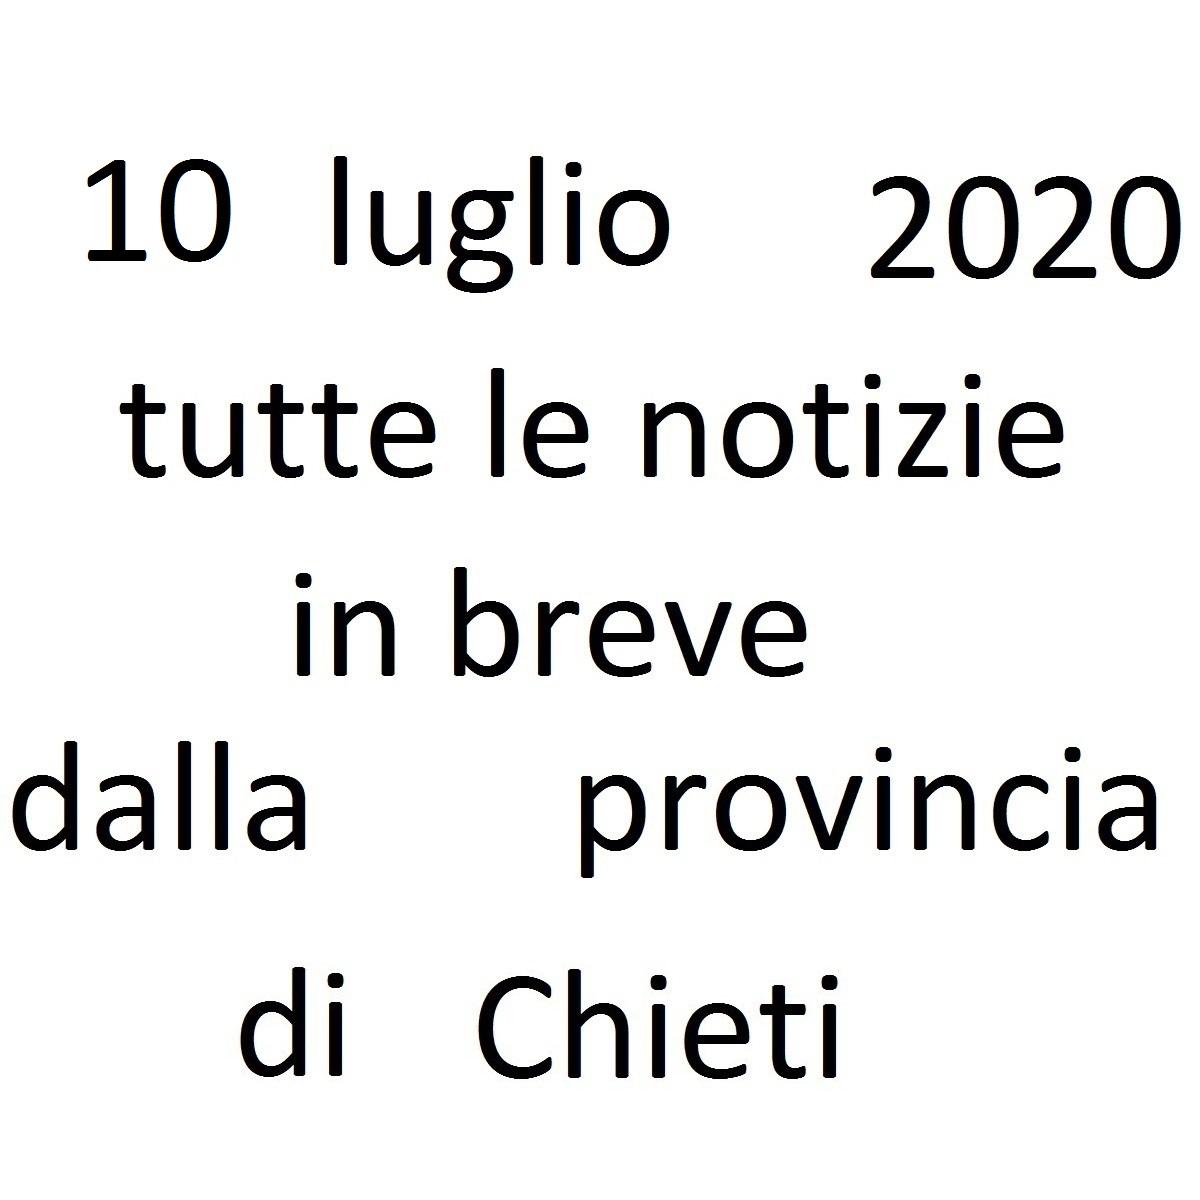 10 luglio 2020 notizie in breve dalla Provincia di Chieti foto